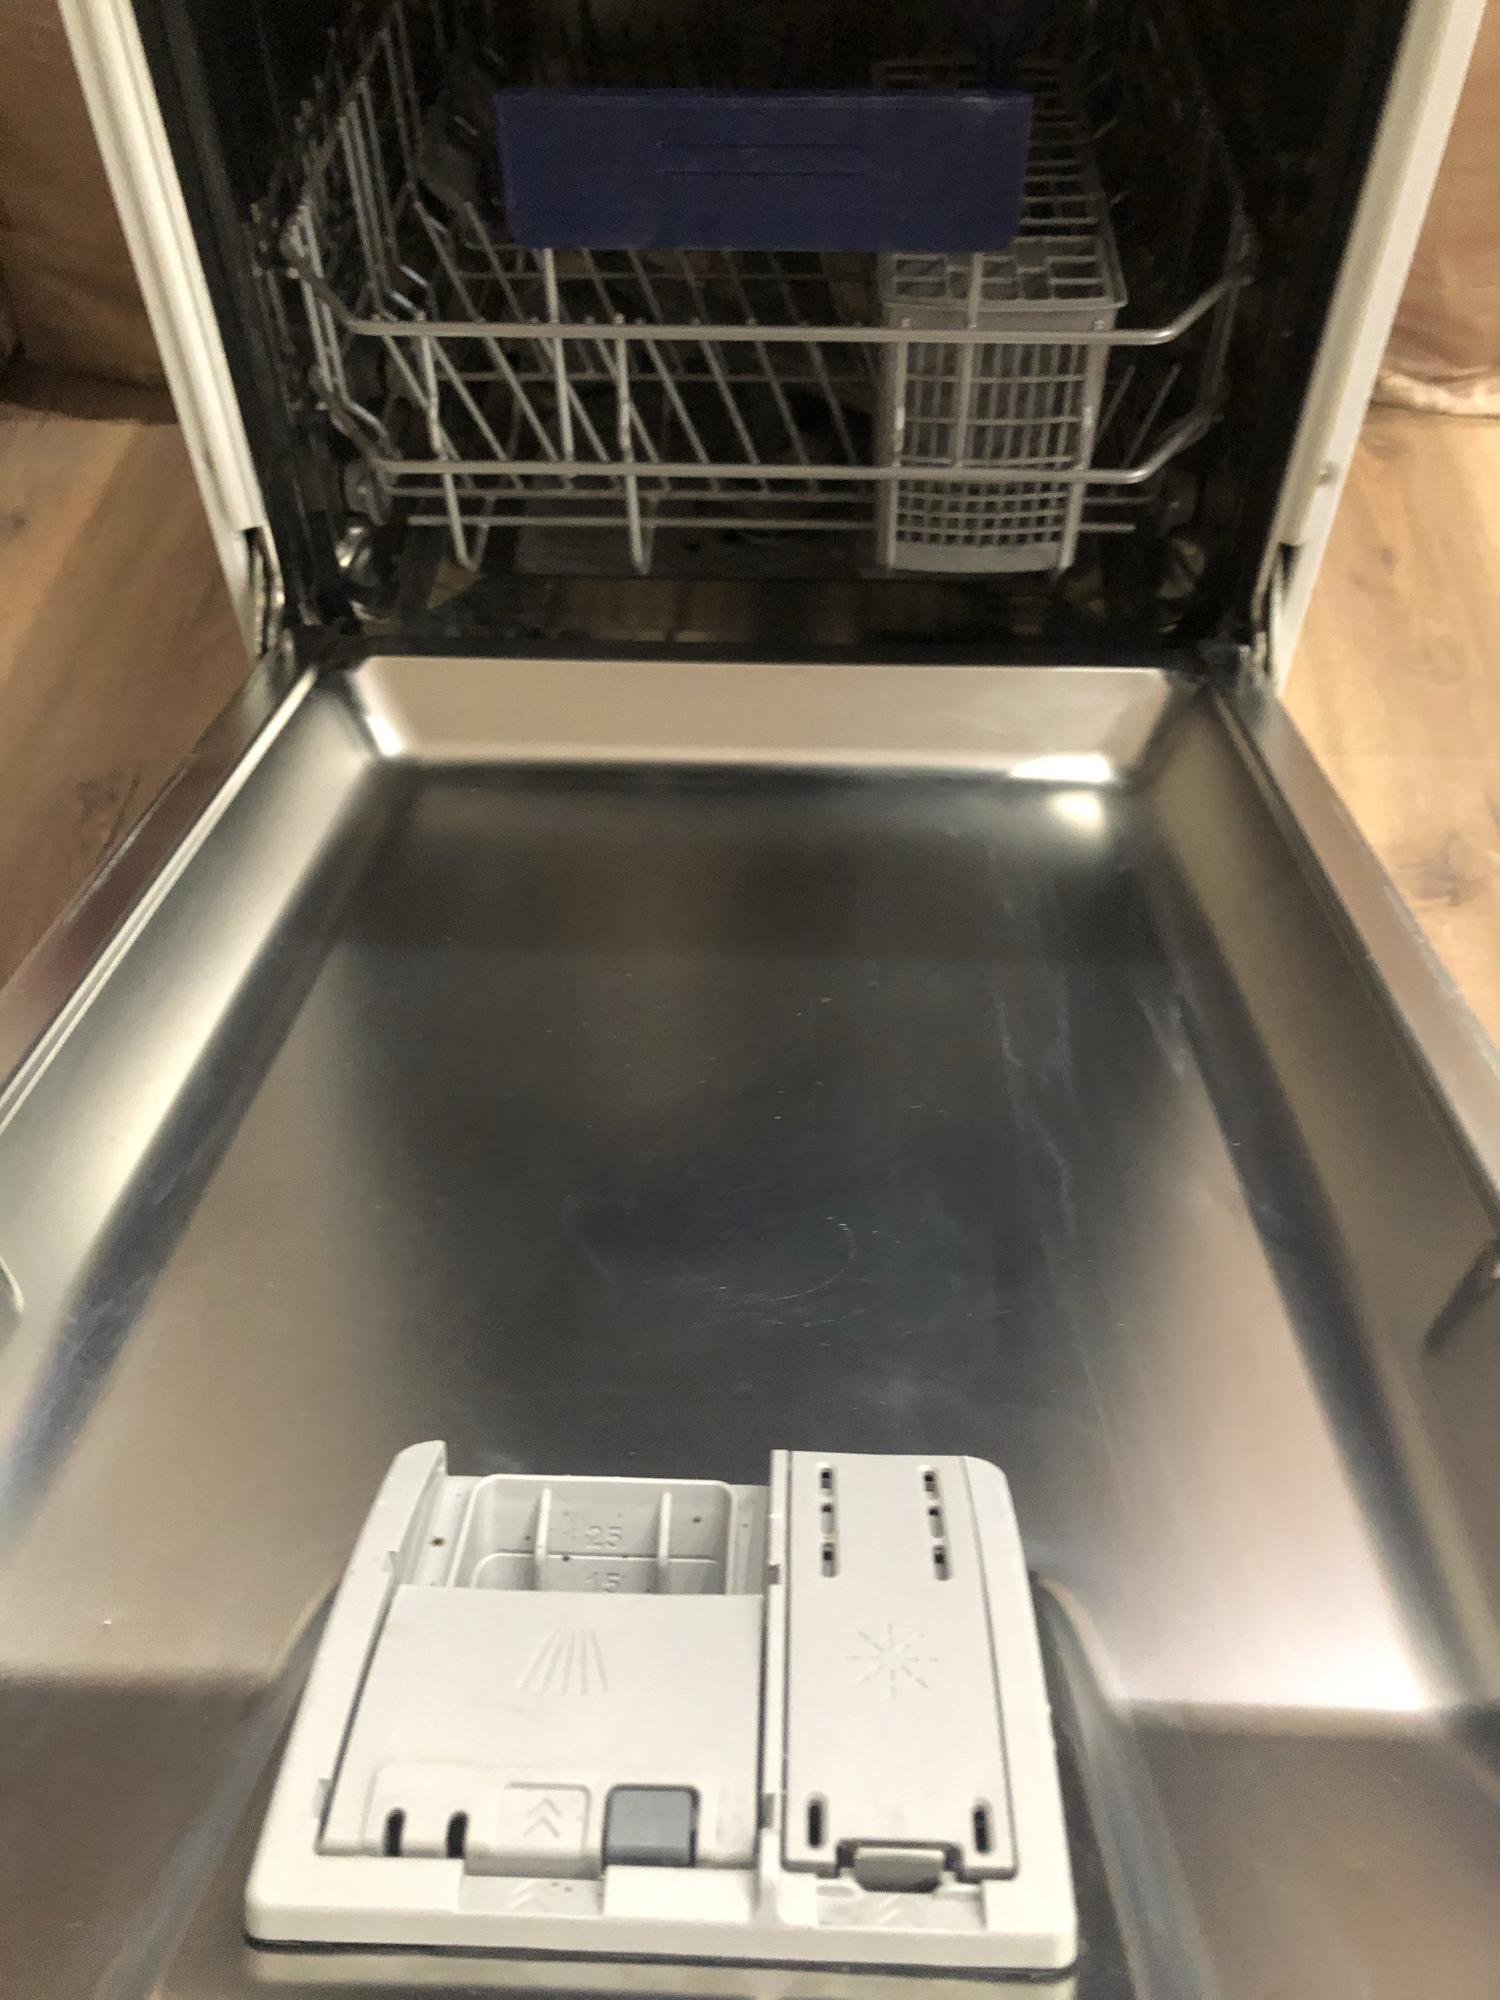 Посудомоечная машина Siemens в Москве 89859558775 купить 3